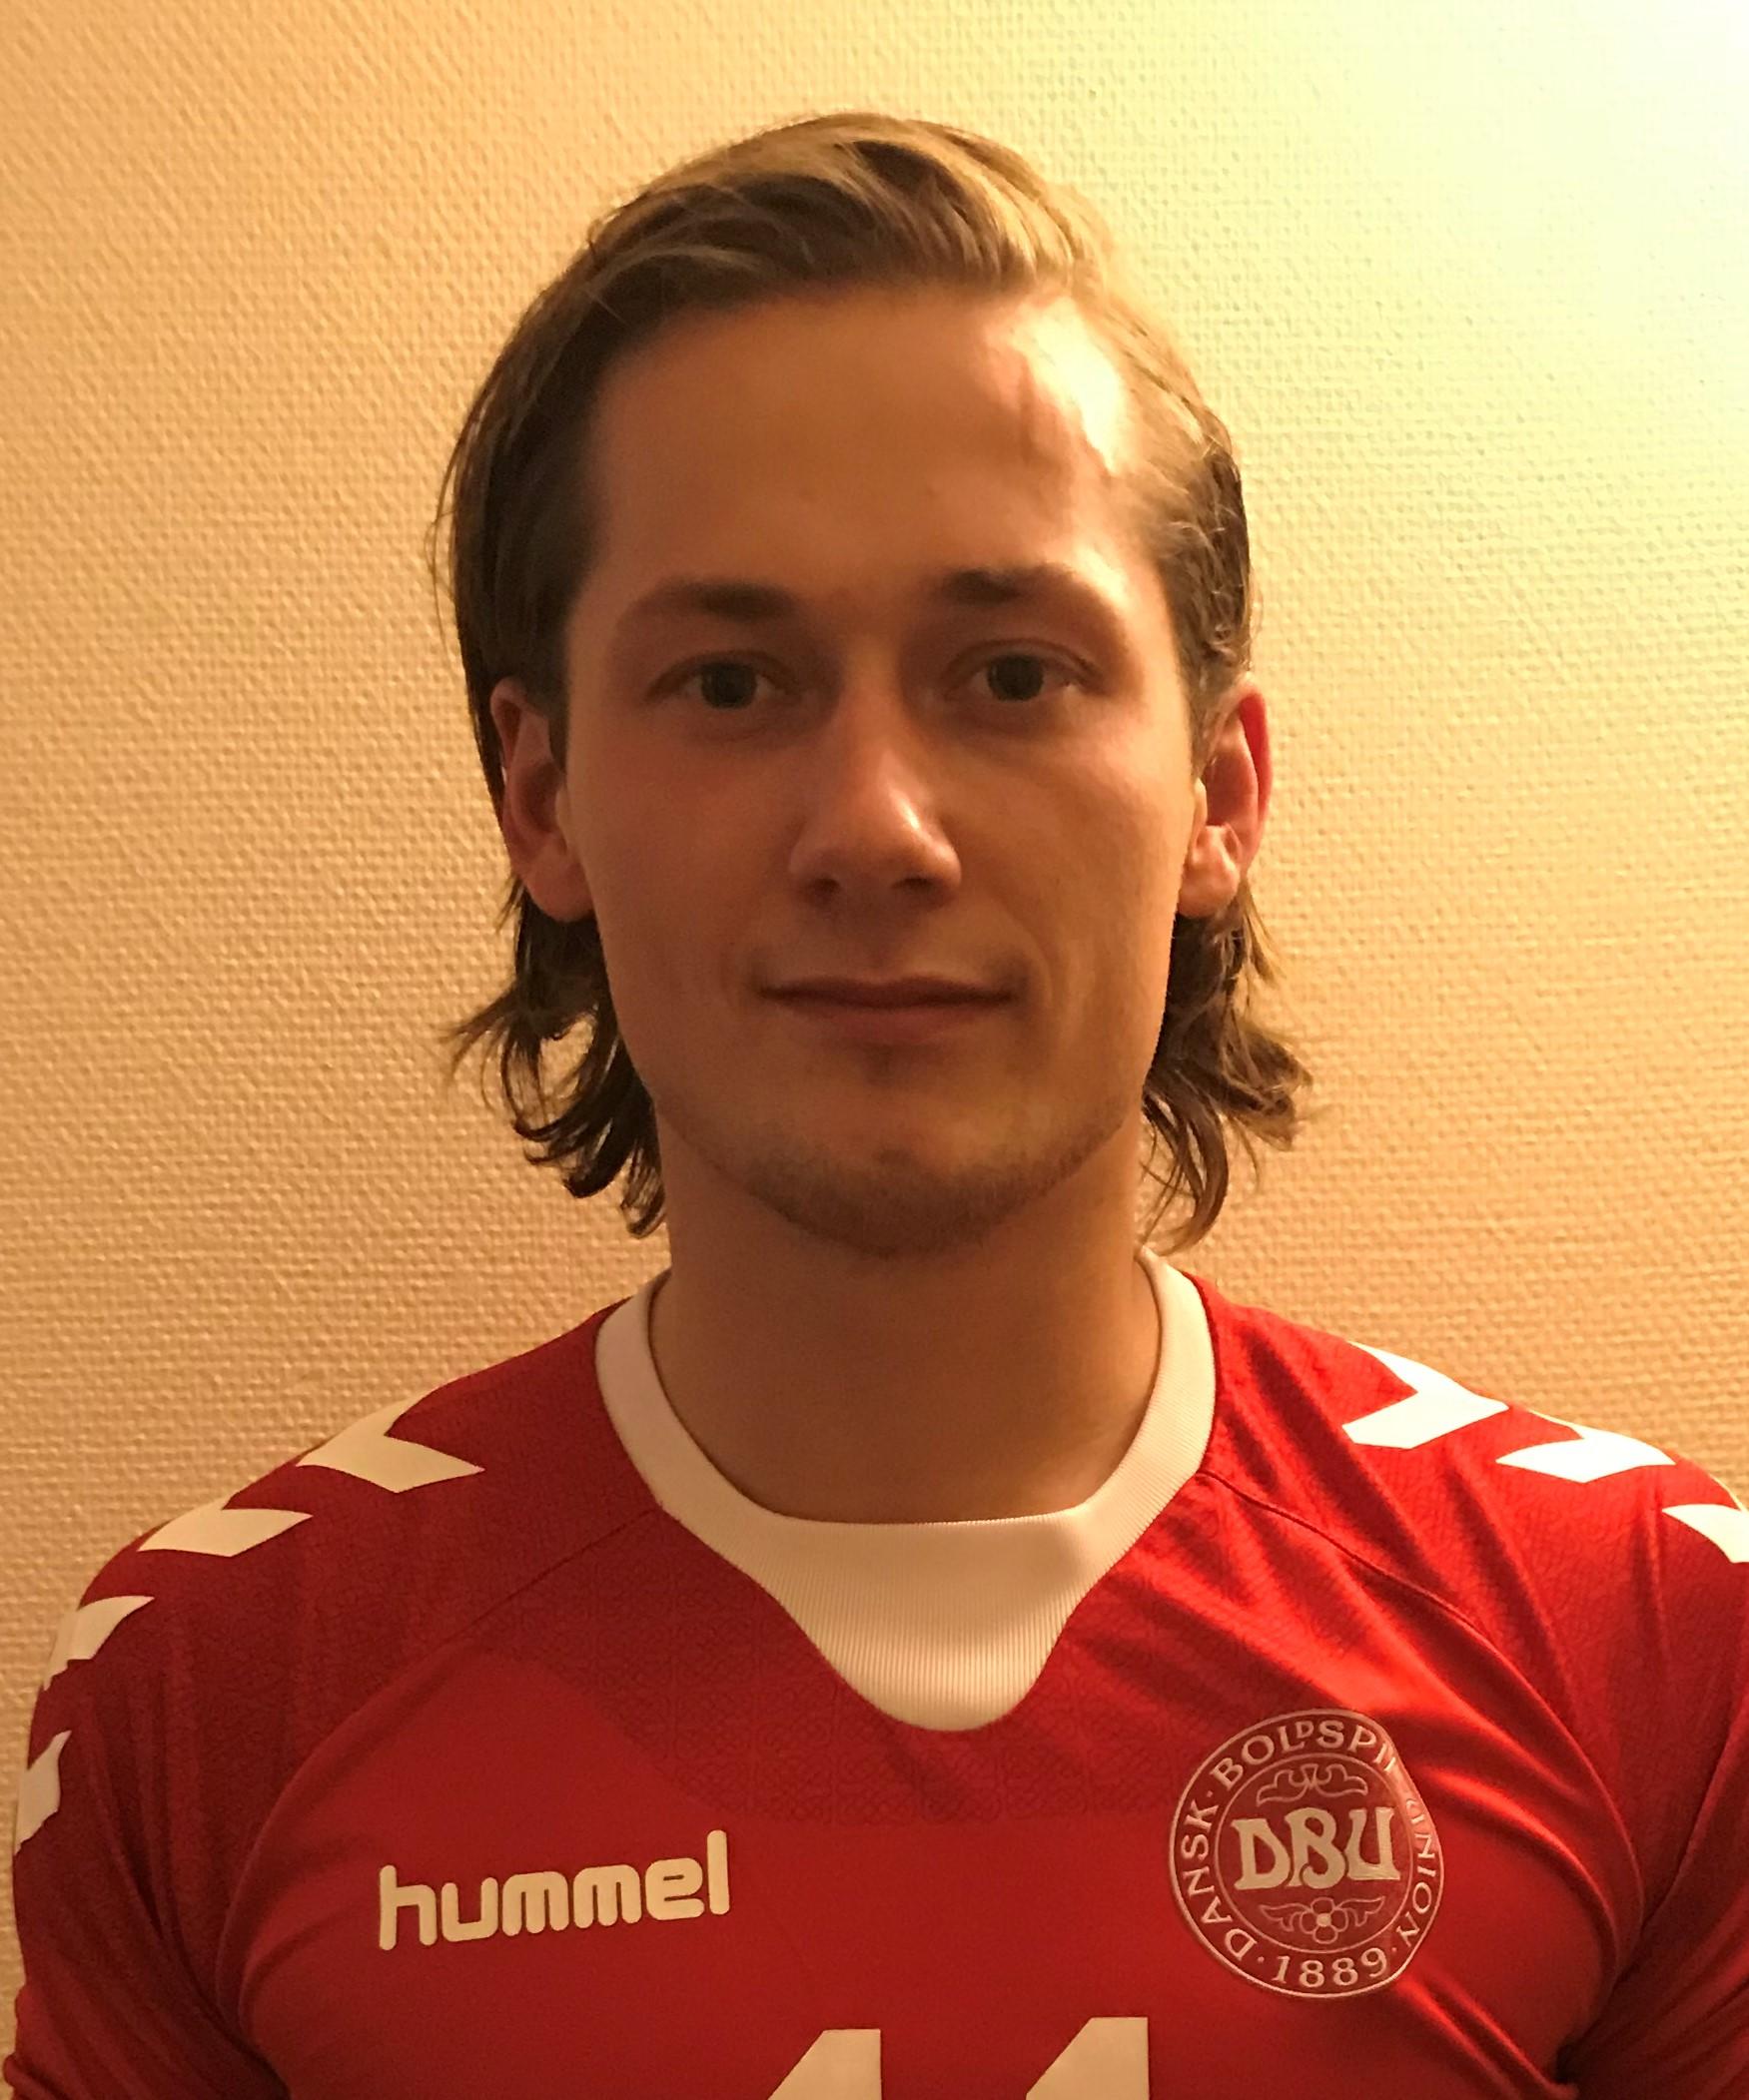 Oscar Merling Hansen